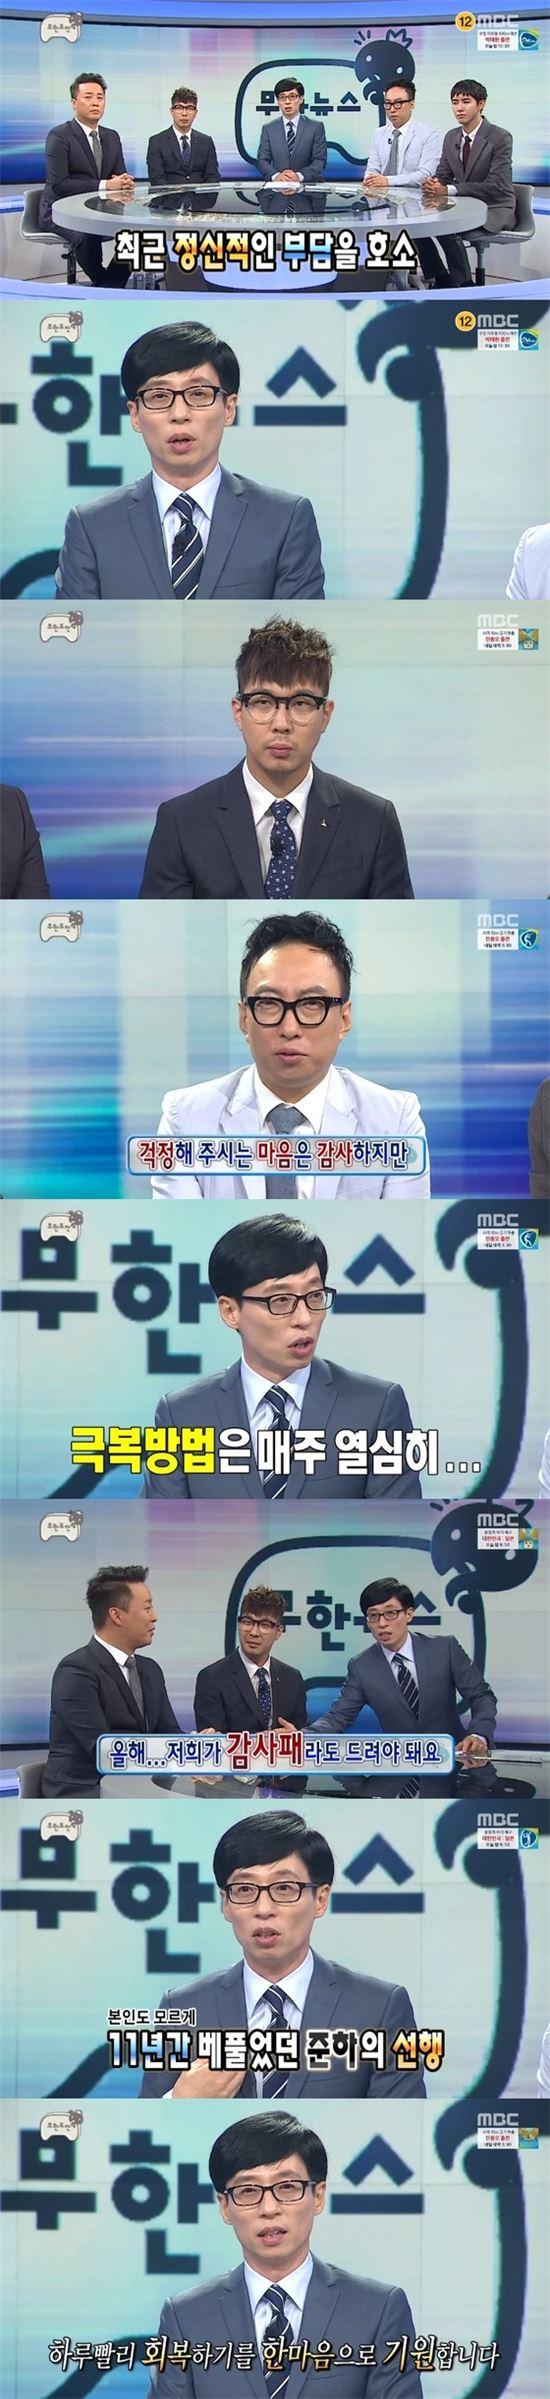 무한도전 무한뉴스. 사진=MBC '무한도전' 방송 캡쳐